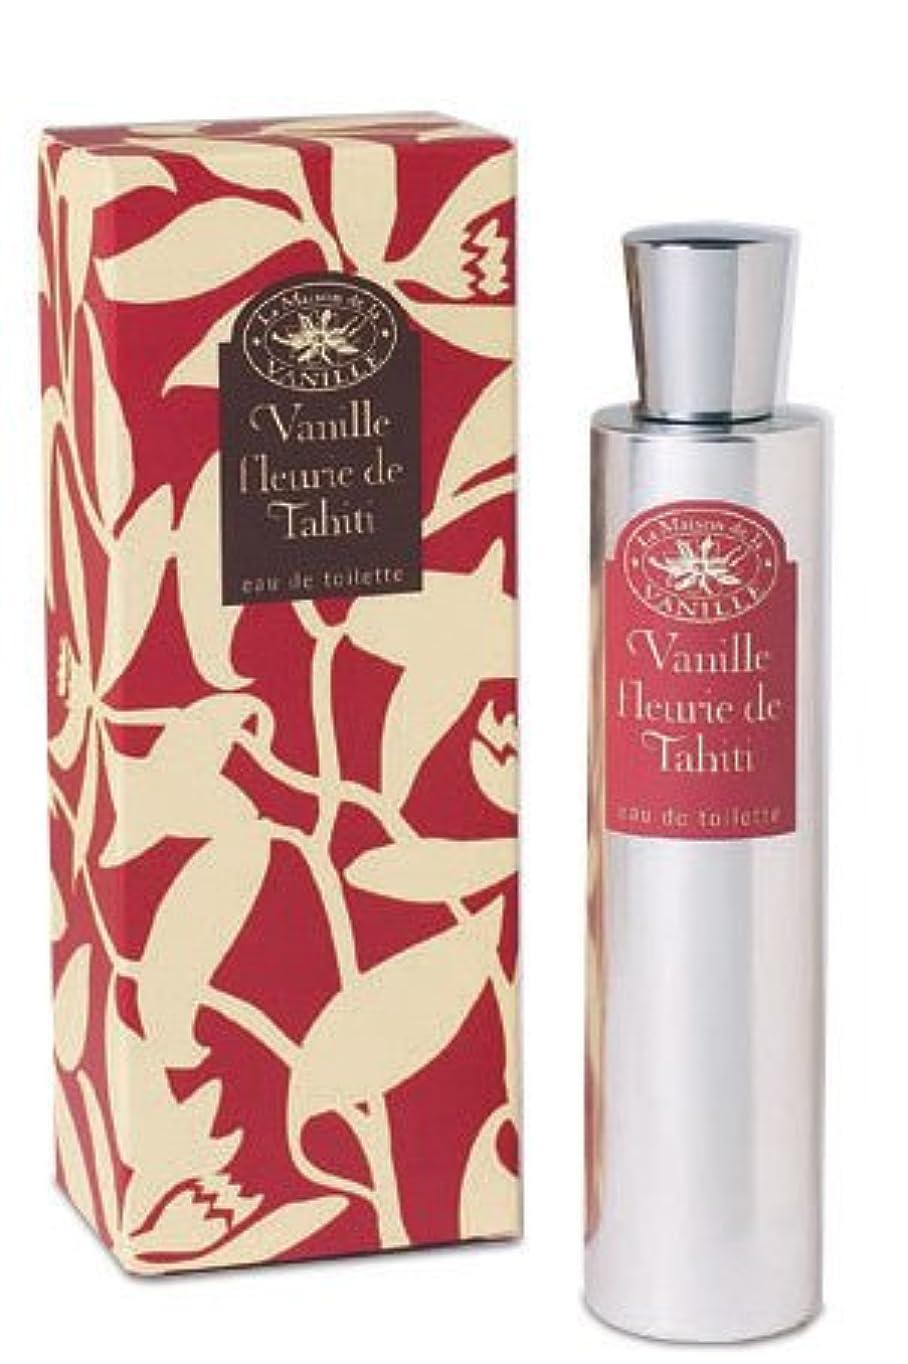 送料報いるほとんどの場合Vanille Fleurie de Tahiti (ヴァニラ フルール デ タヒチ) 3.4 oz (100ml) EDT Spray